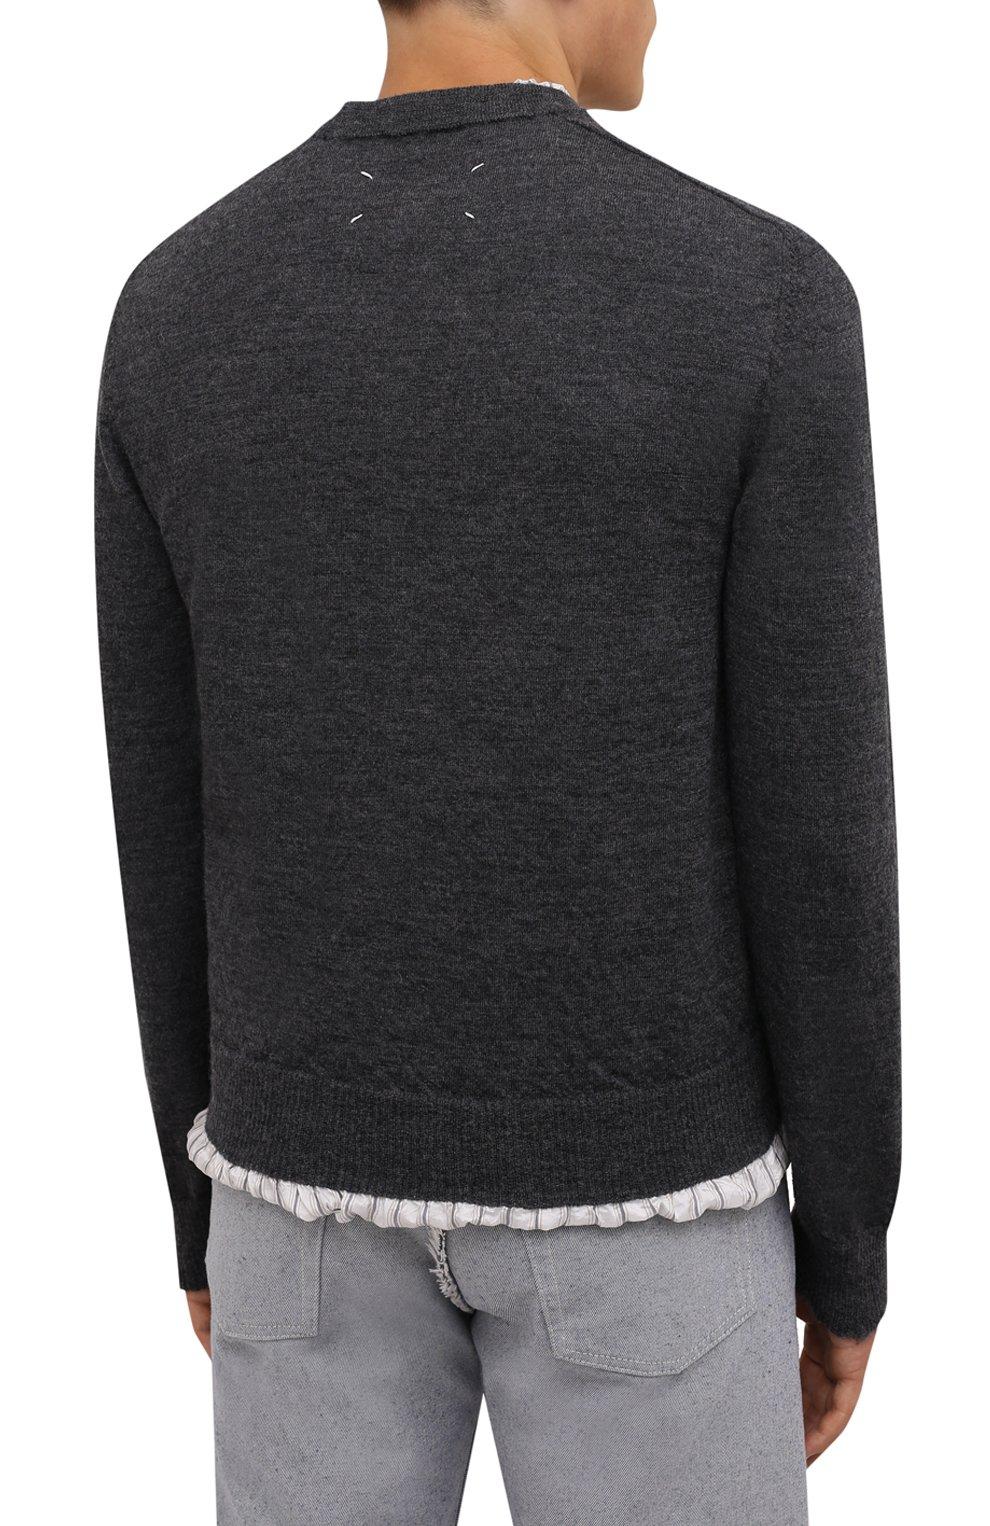 Мужской шерстяной свитер MAISON MARGIELA серого цвета, арт. S50HA1007/S17784   Фото 4 (Материал внешний: Шерсть; Рукава: Длинные; Принт: Без принта; Длина (для топов): Стандартные; Материал подклада: Синтетический материал, Вискоза; Мужское Кросс-КТ: Свитер-одежда; Стили: Минимализм)